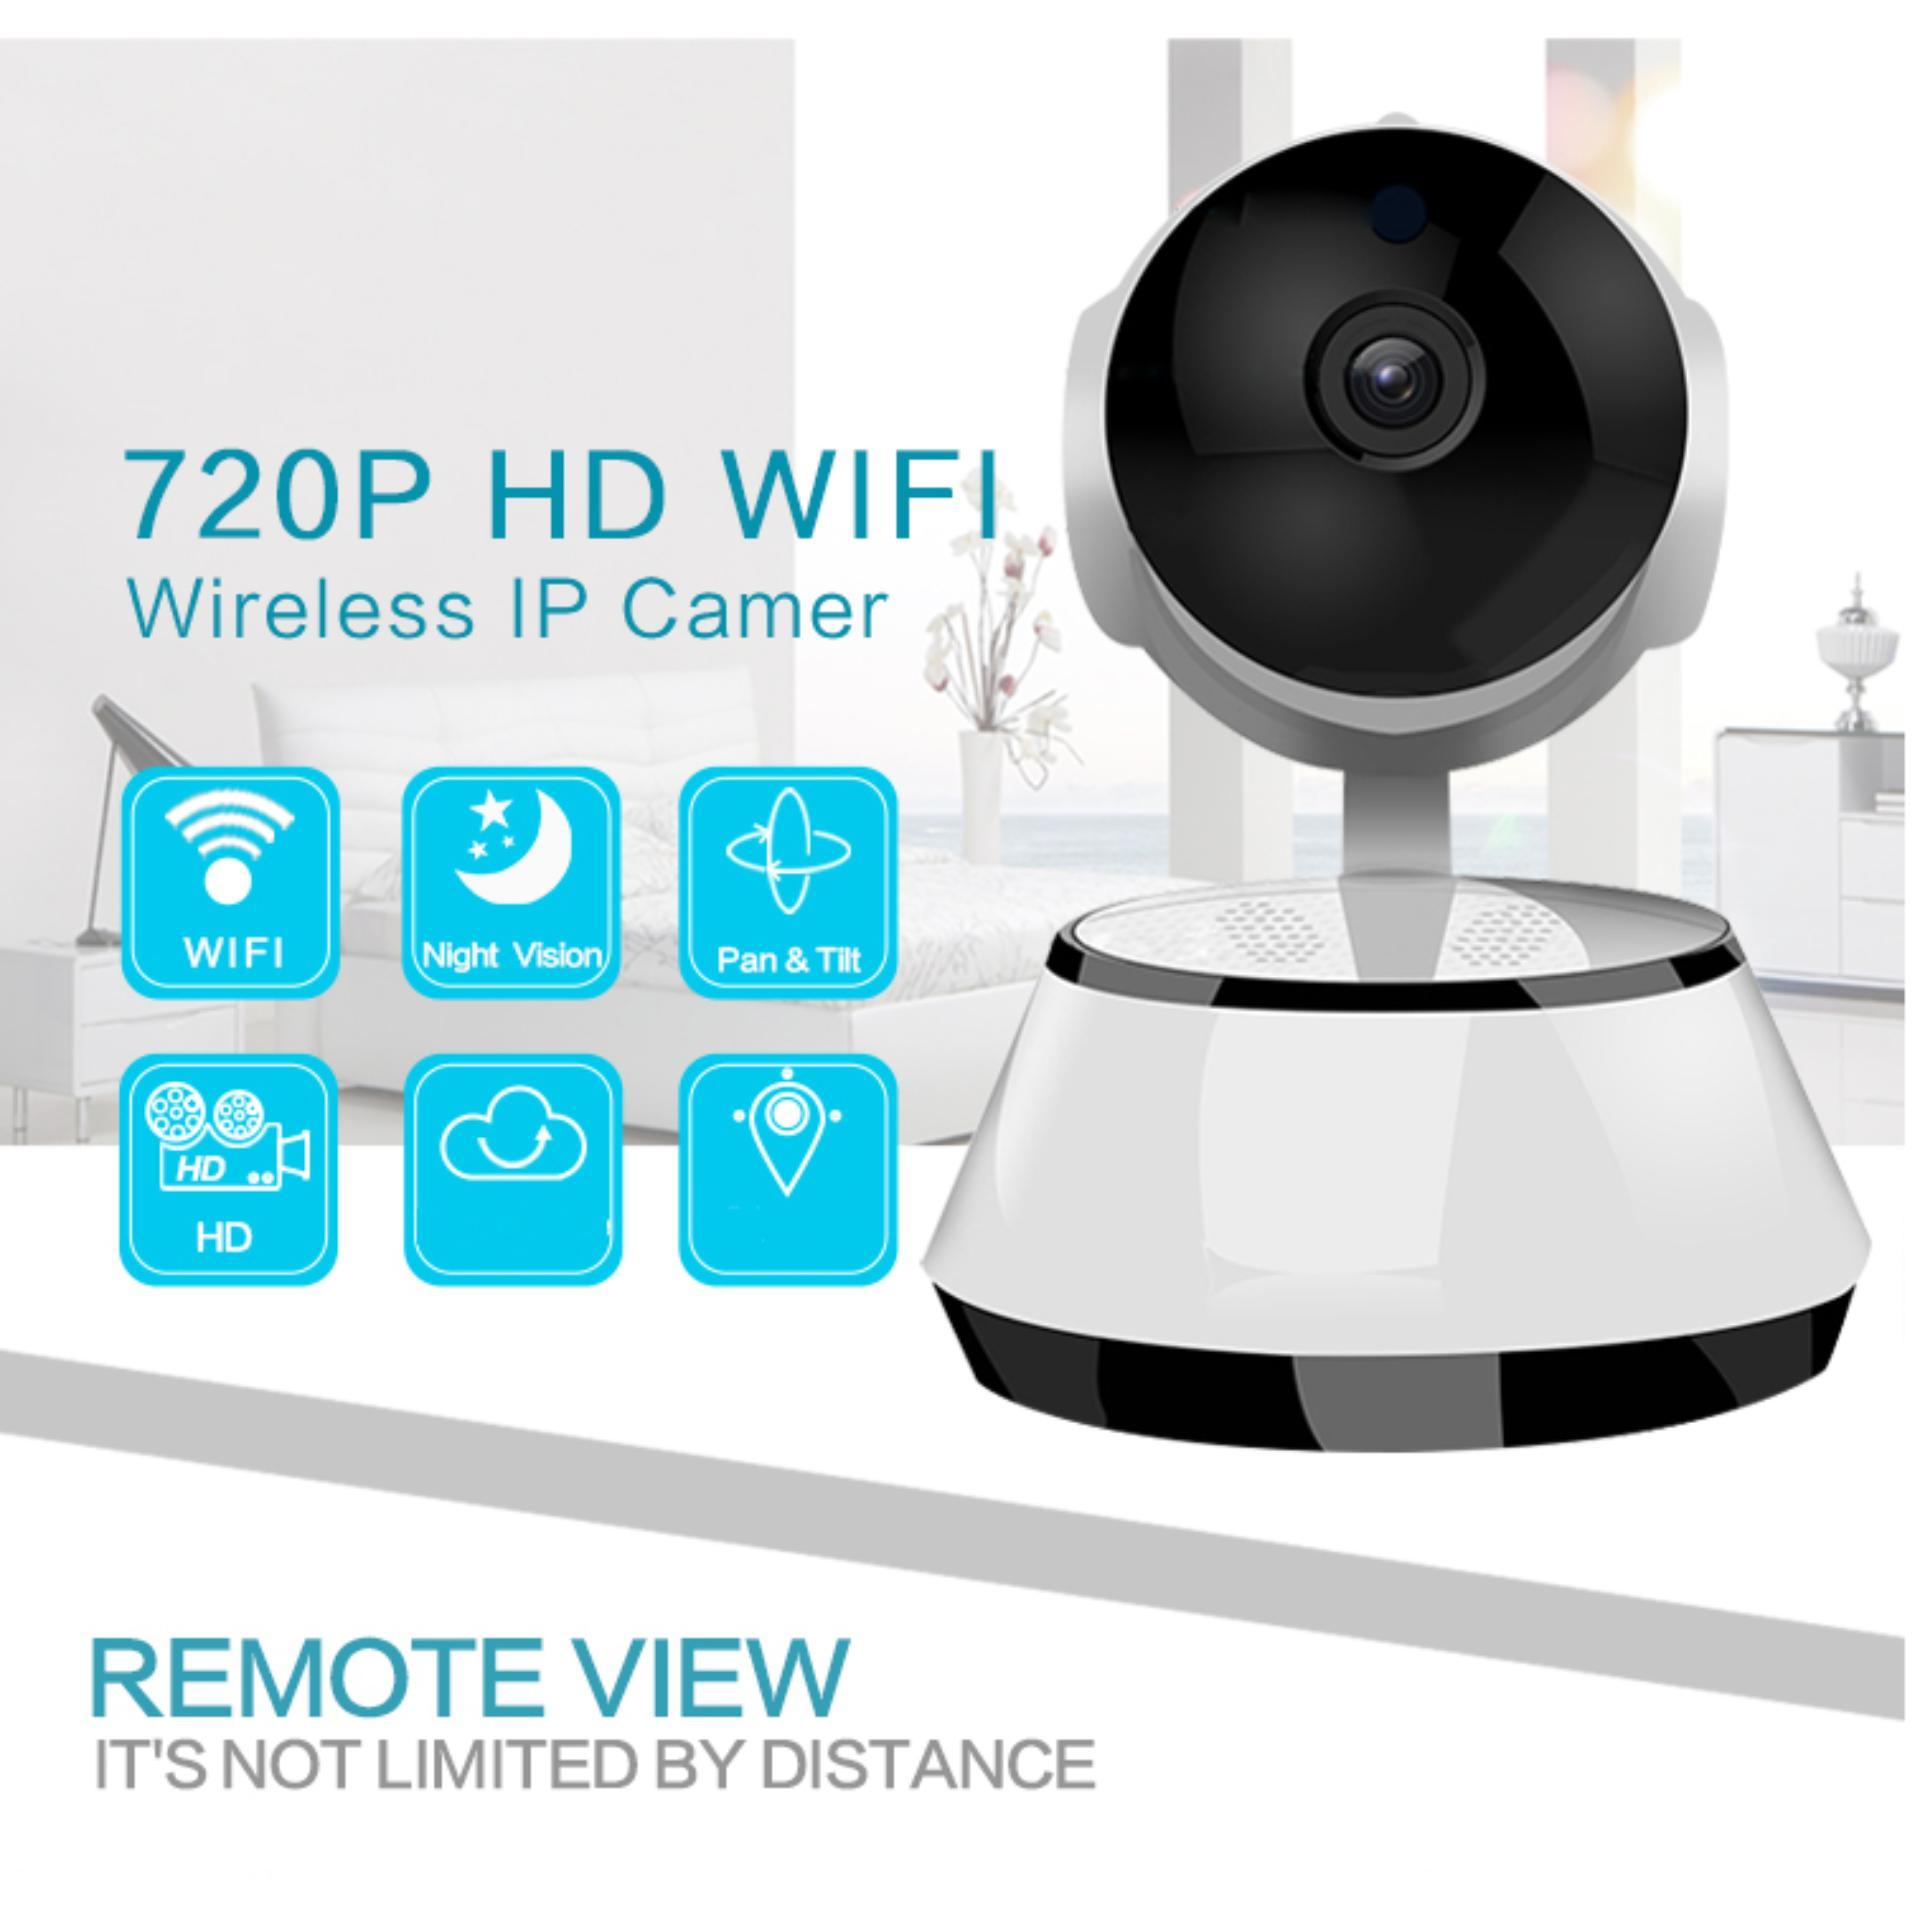 Mua Camera Ip Wifi Trong Nha Xoay 360 Độ V380 Đam Thoại 2 Chiều Bh 12 Thang Mới